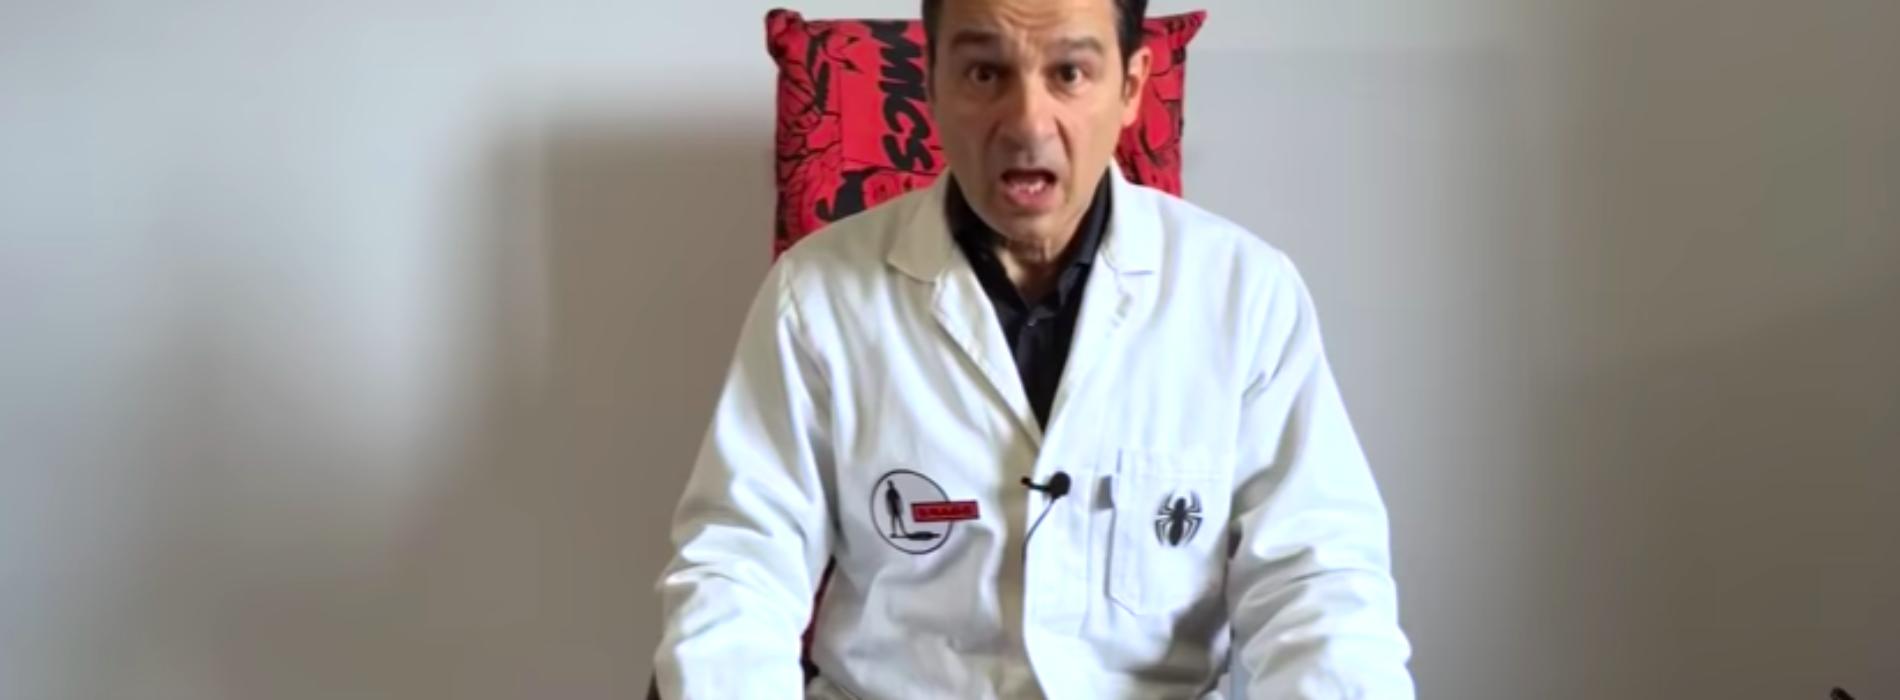 """Bressanini smonta le bufale sul cibo del video virale """"Shocking secrets of the food industry"""""""